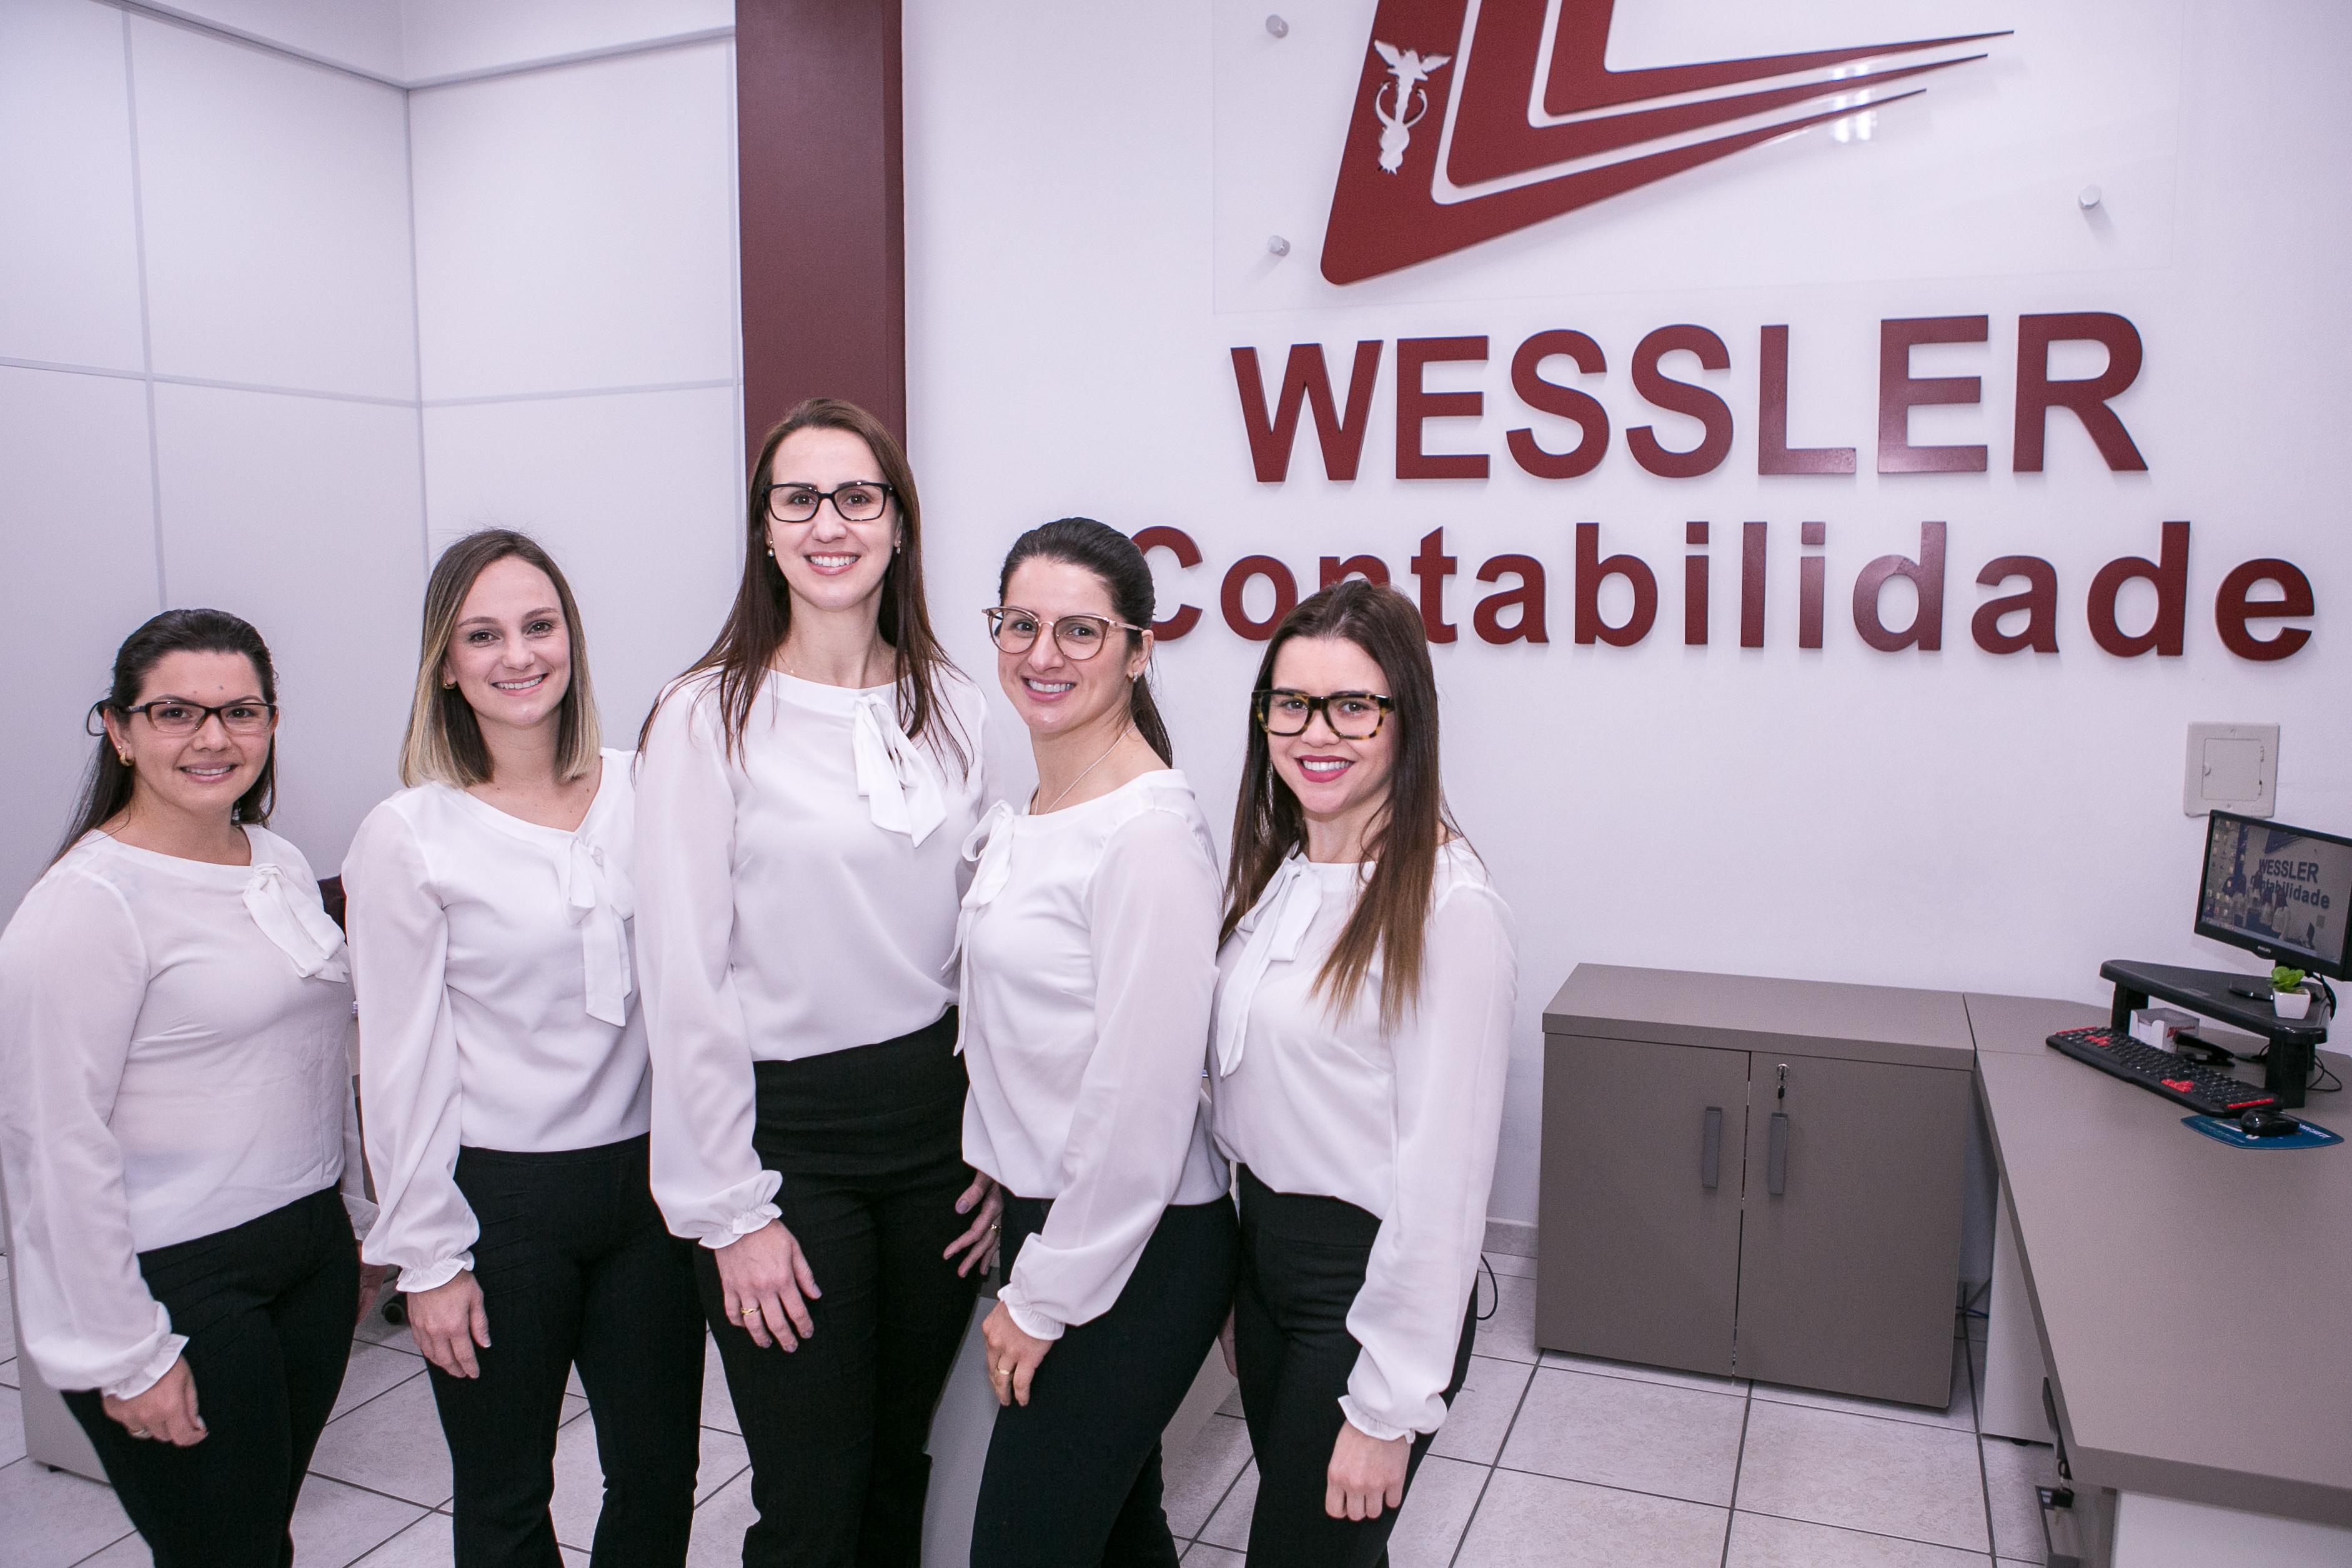 Wessler Contabilidade FAMA-2